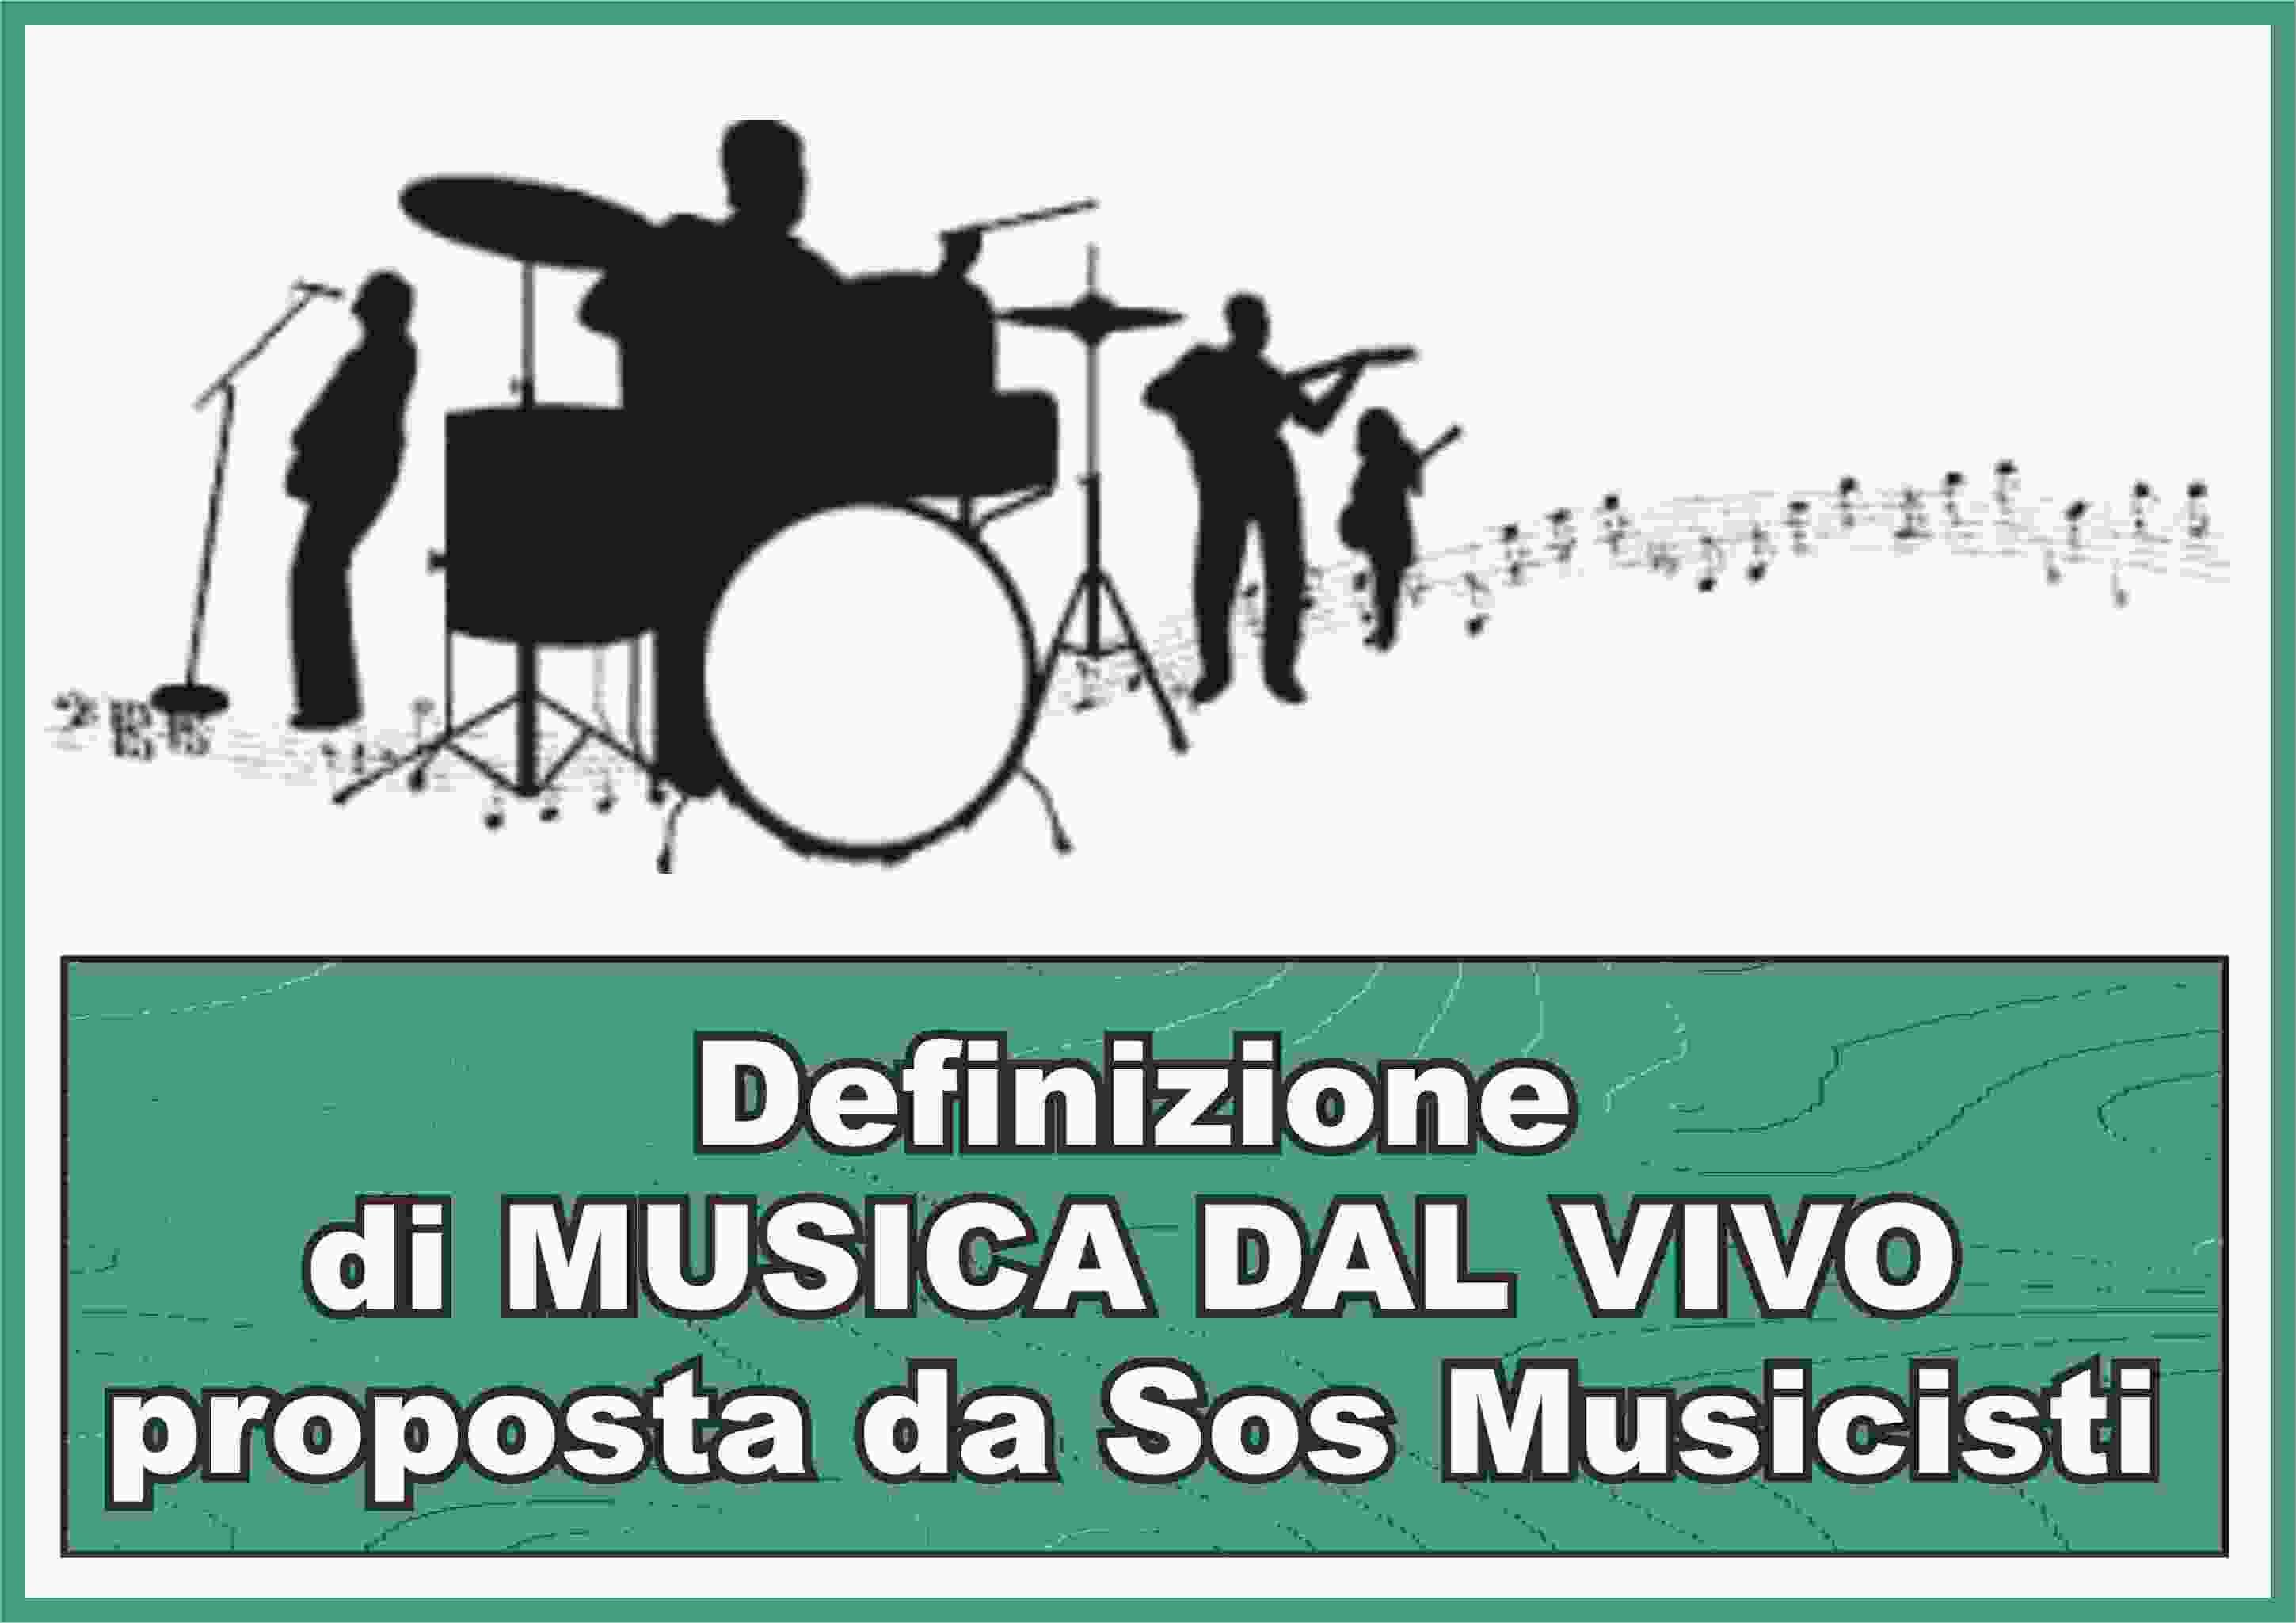 definizione-musica-dal-vivo-con-immagine